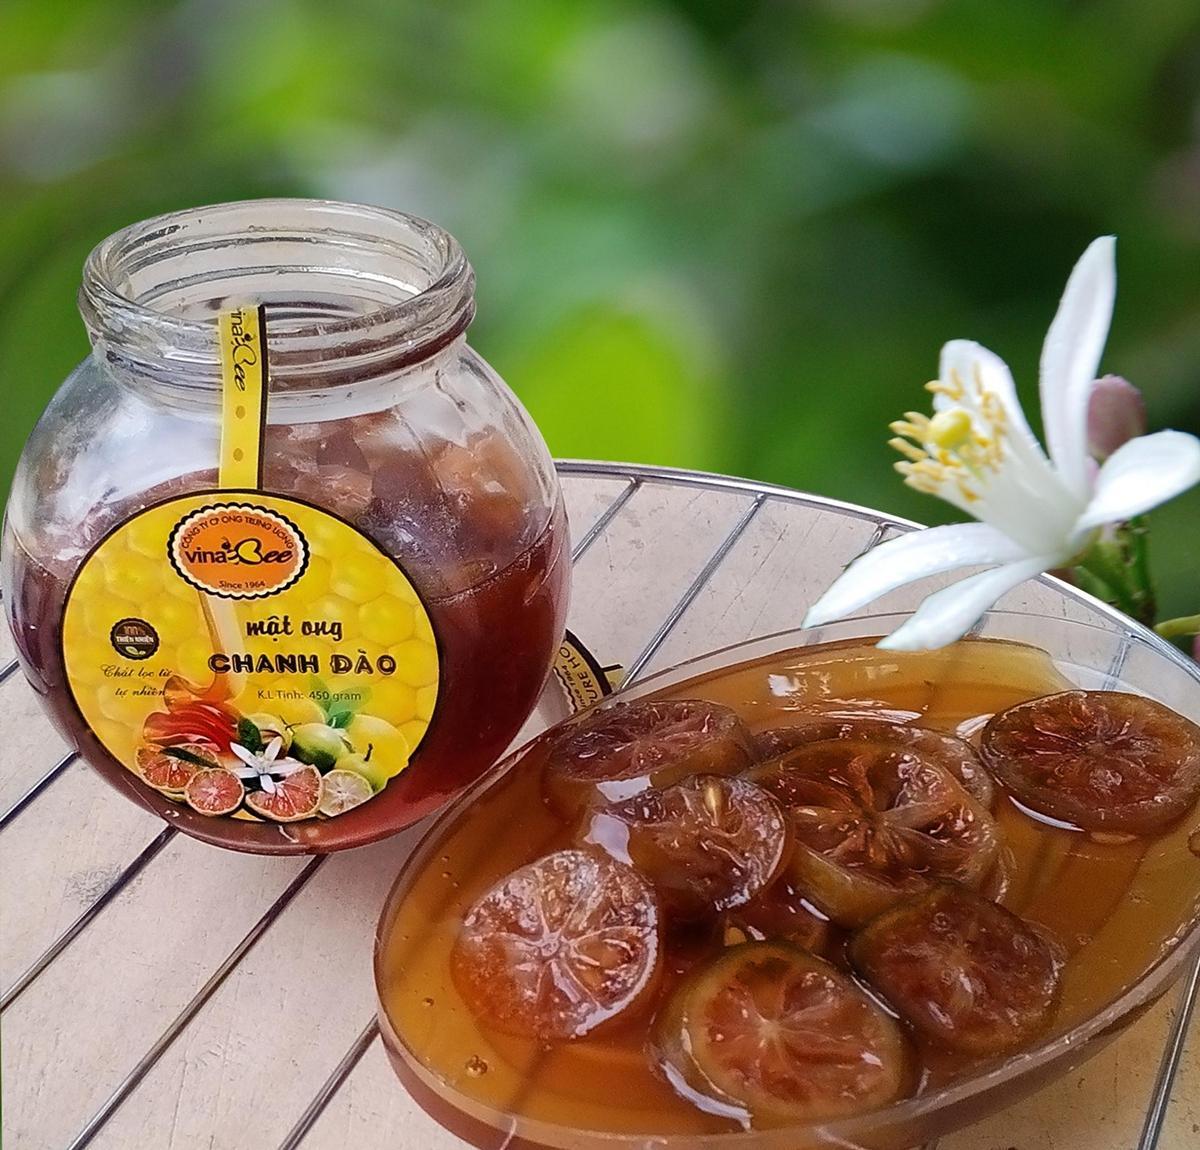 mật ong chanh đào vinapi